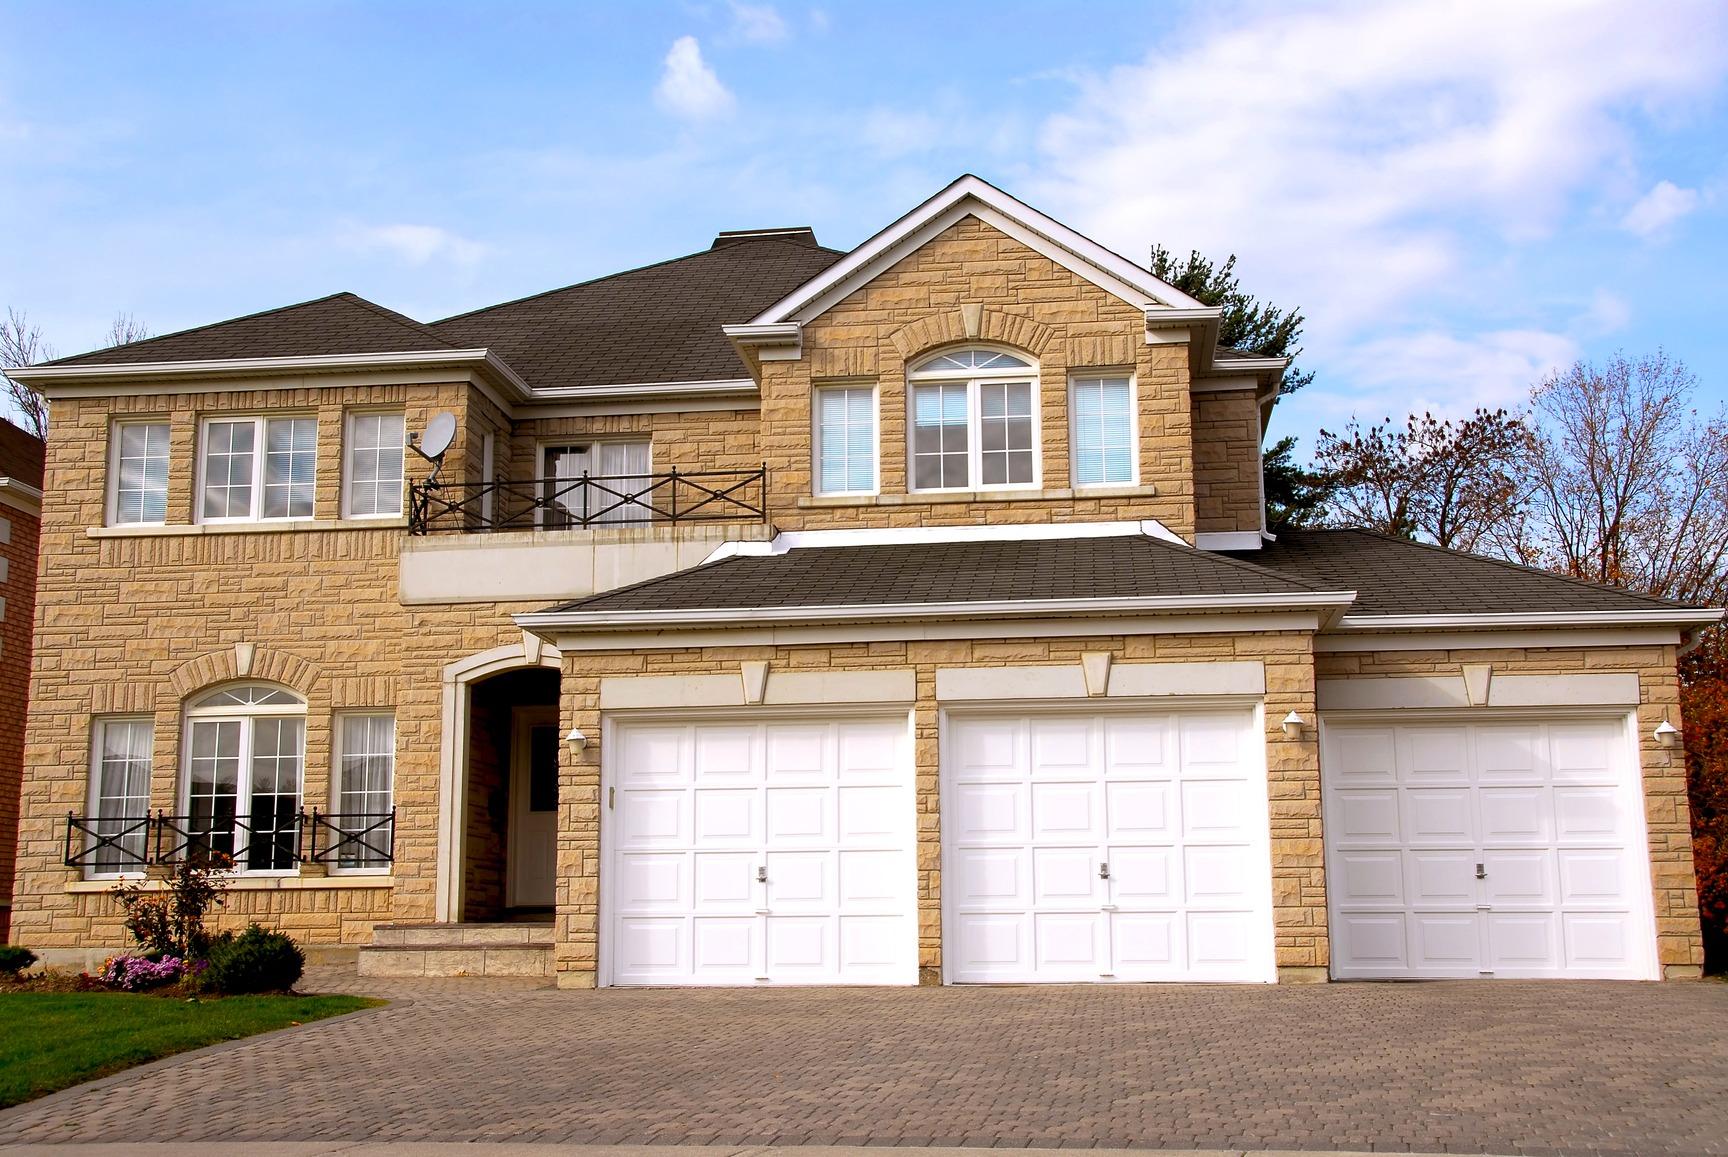 Arlington heights garage door repair evanston garage door for Garage door repair glenview il